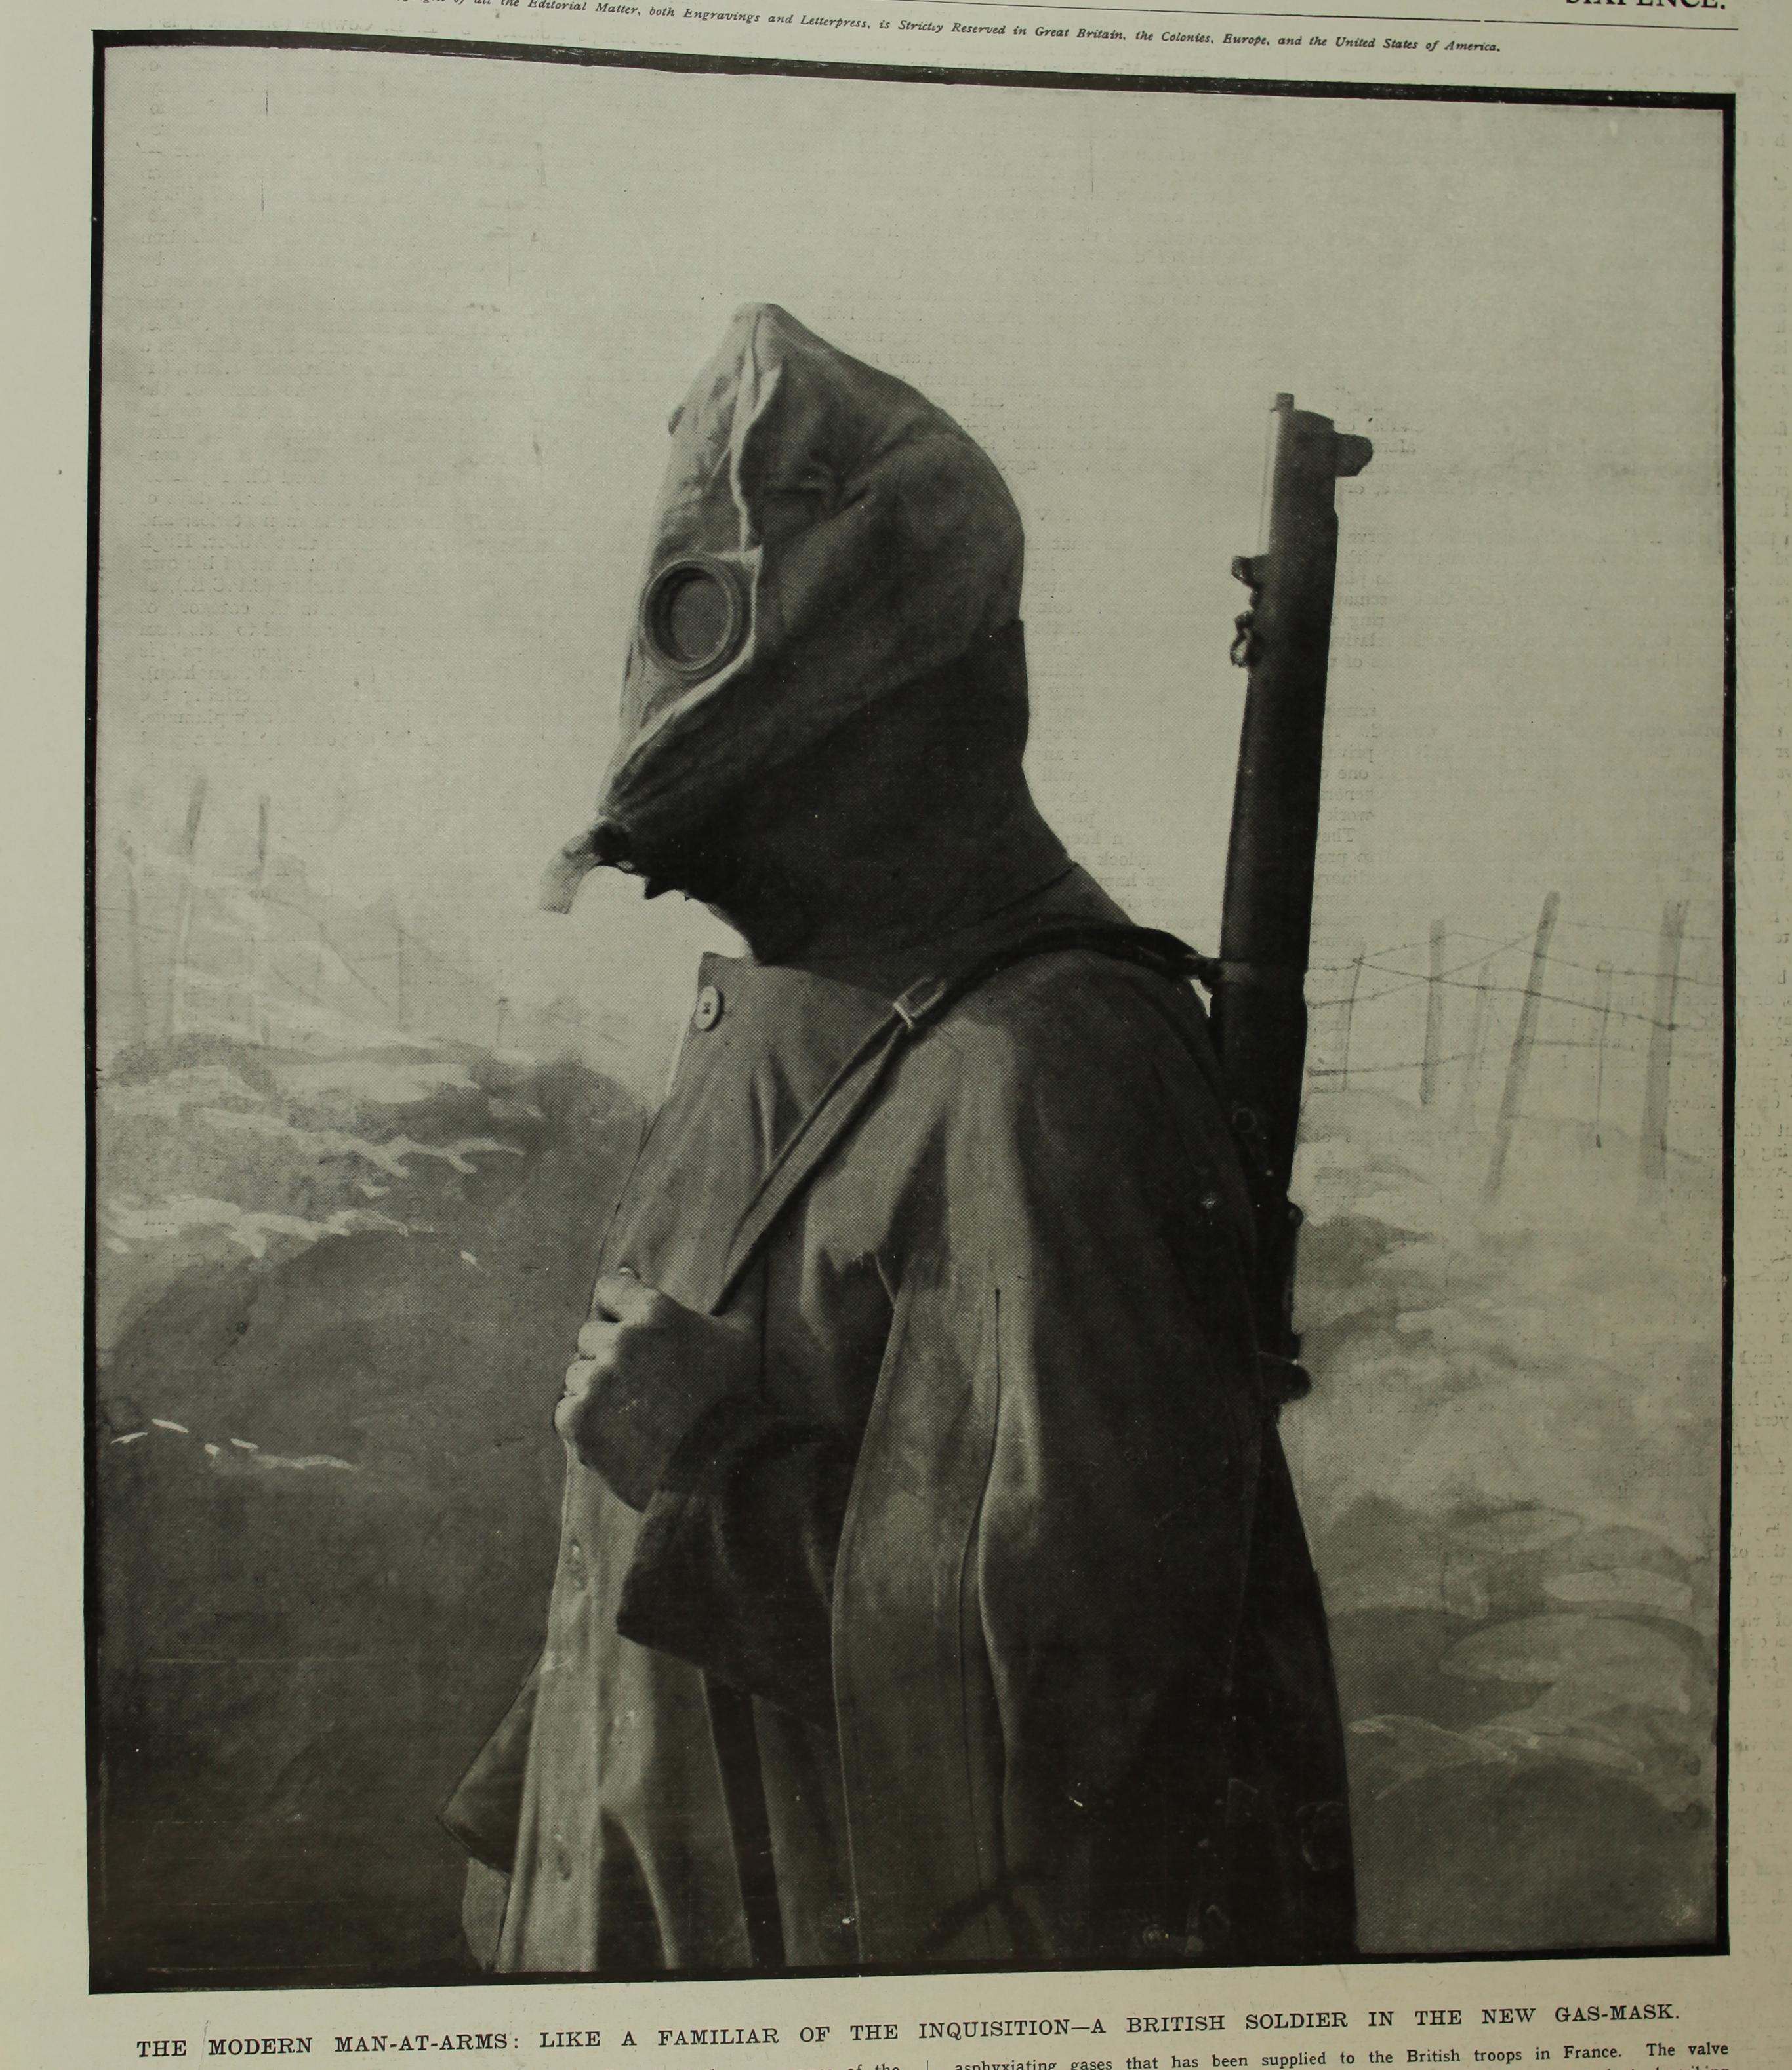 ZPER 34/147 gas mask